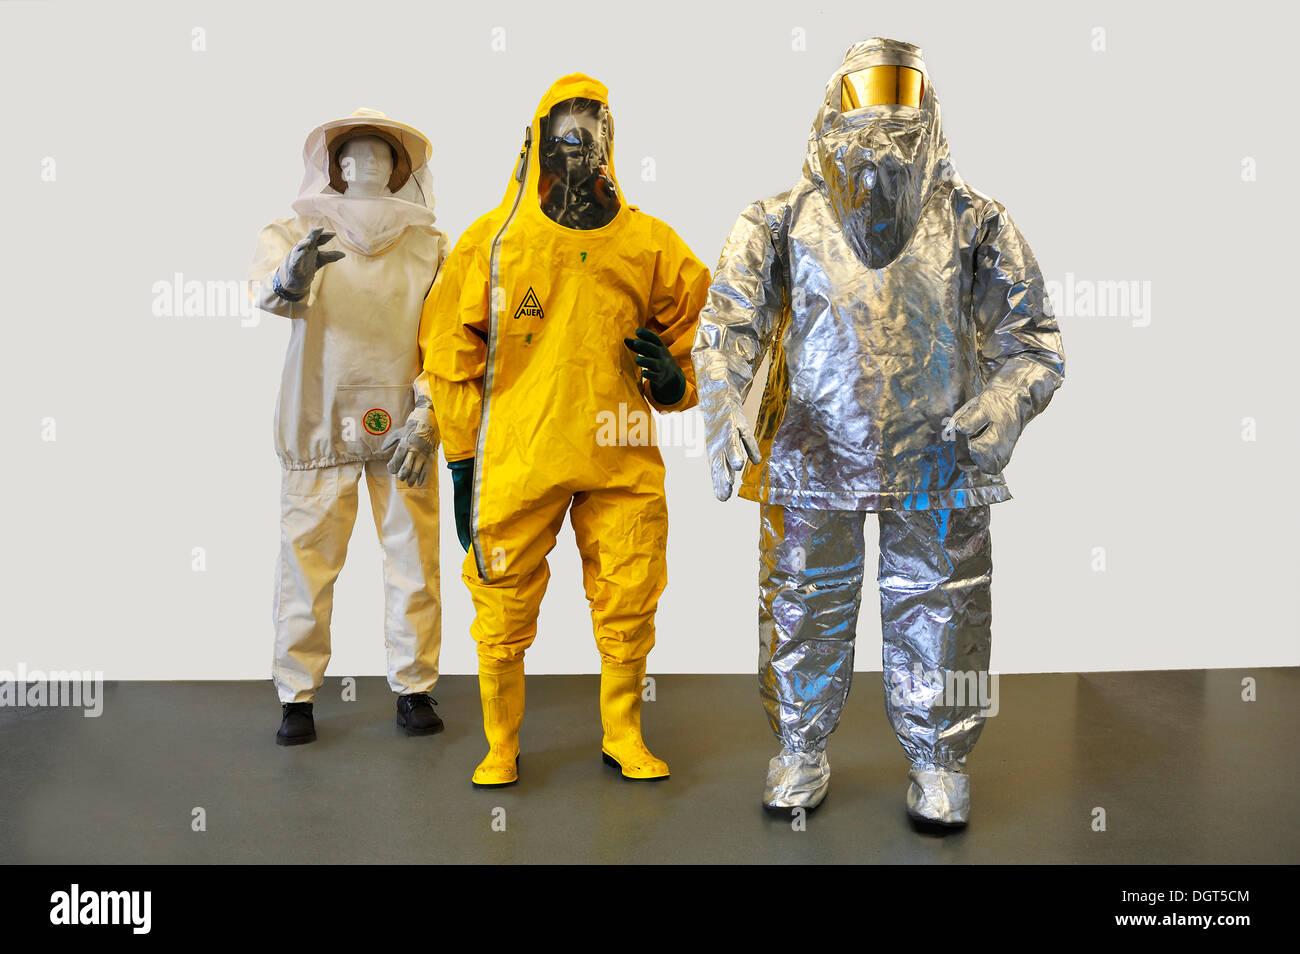 Tre tute contemporaneo dei vigili del fuoco, insetto abbigliamento protettivo, una tuta di protezione chimica con una maschera per la respirazione, Immagini Stock